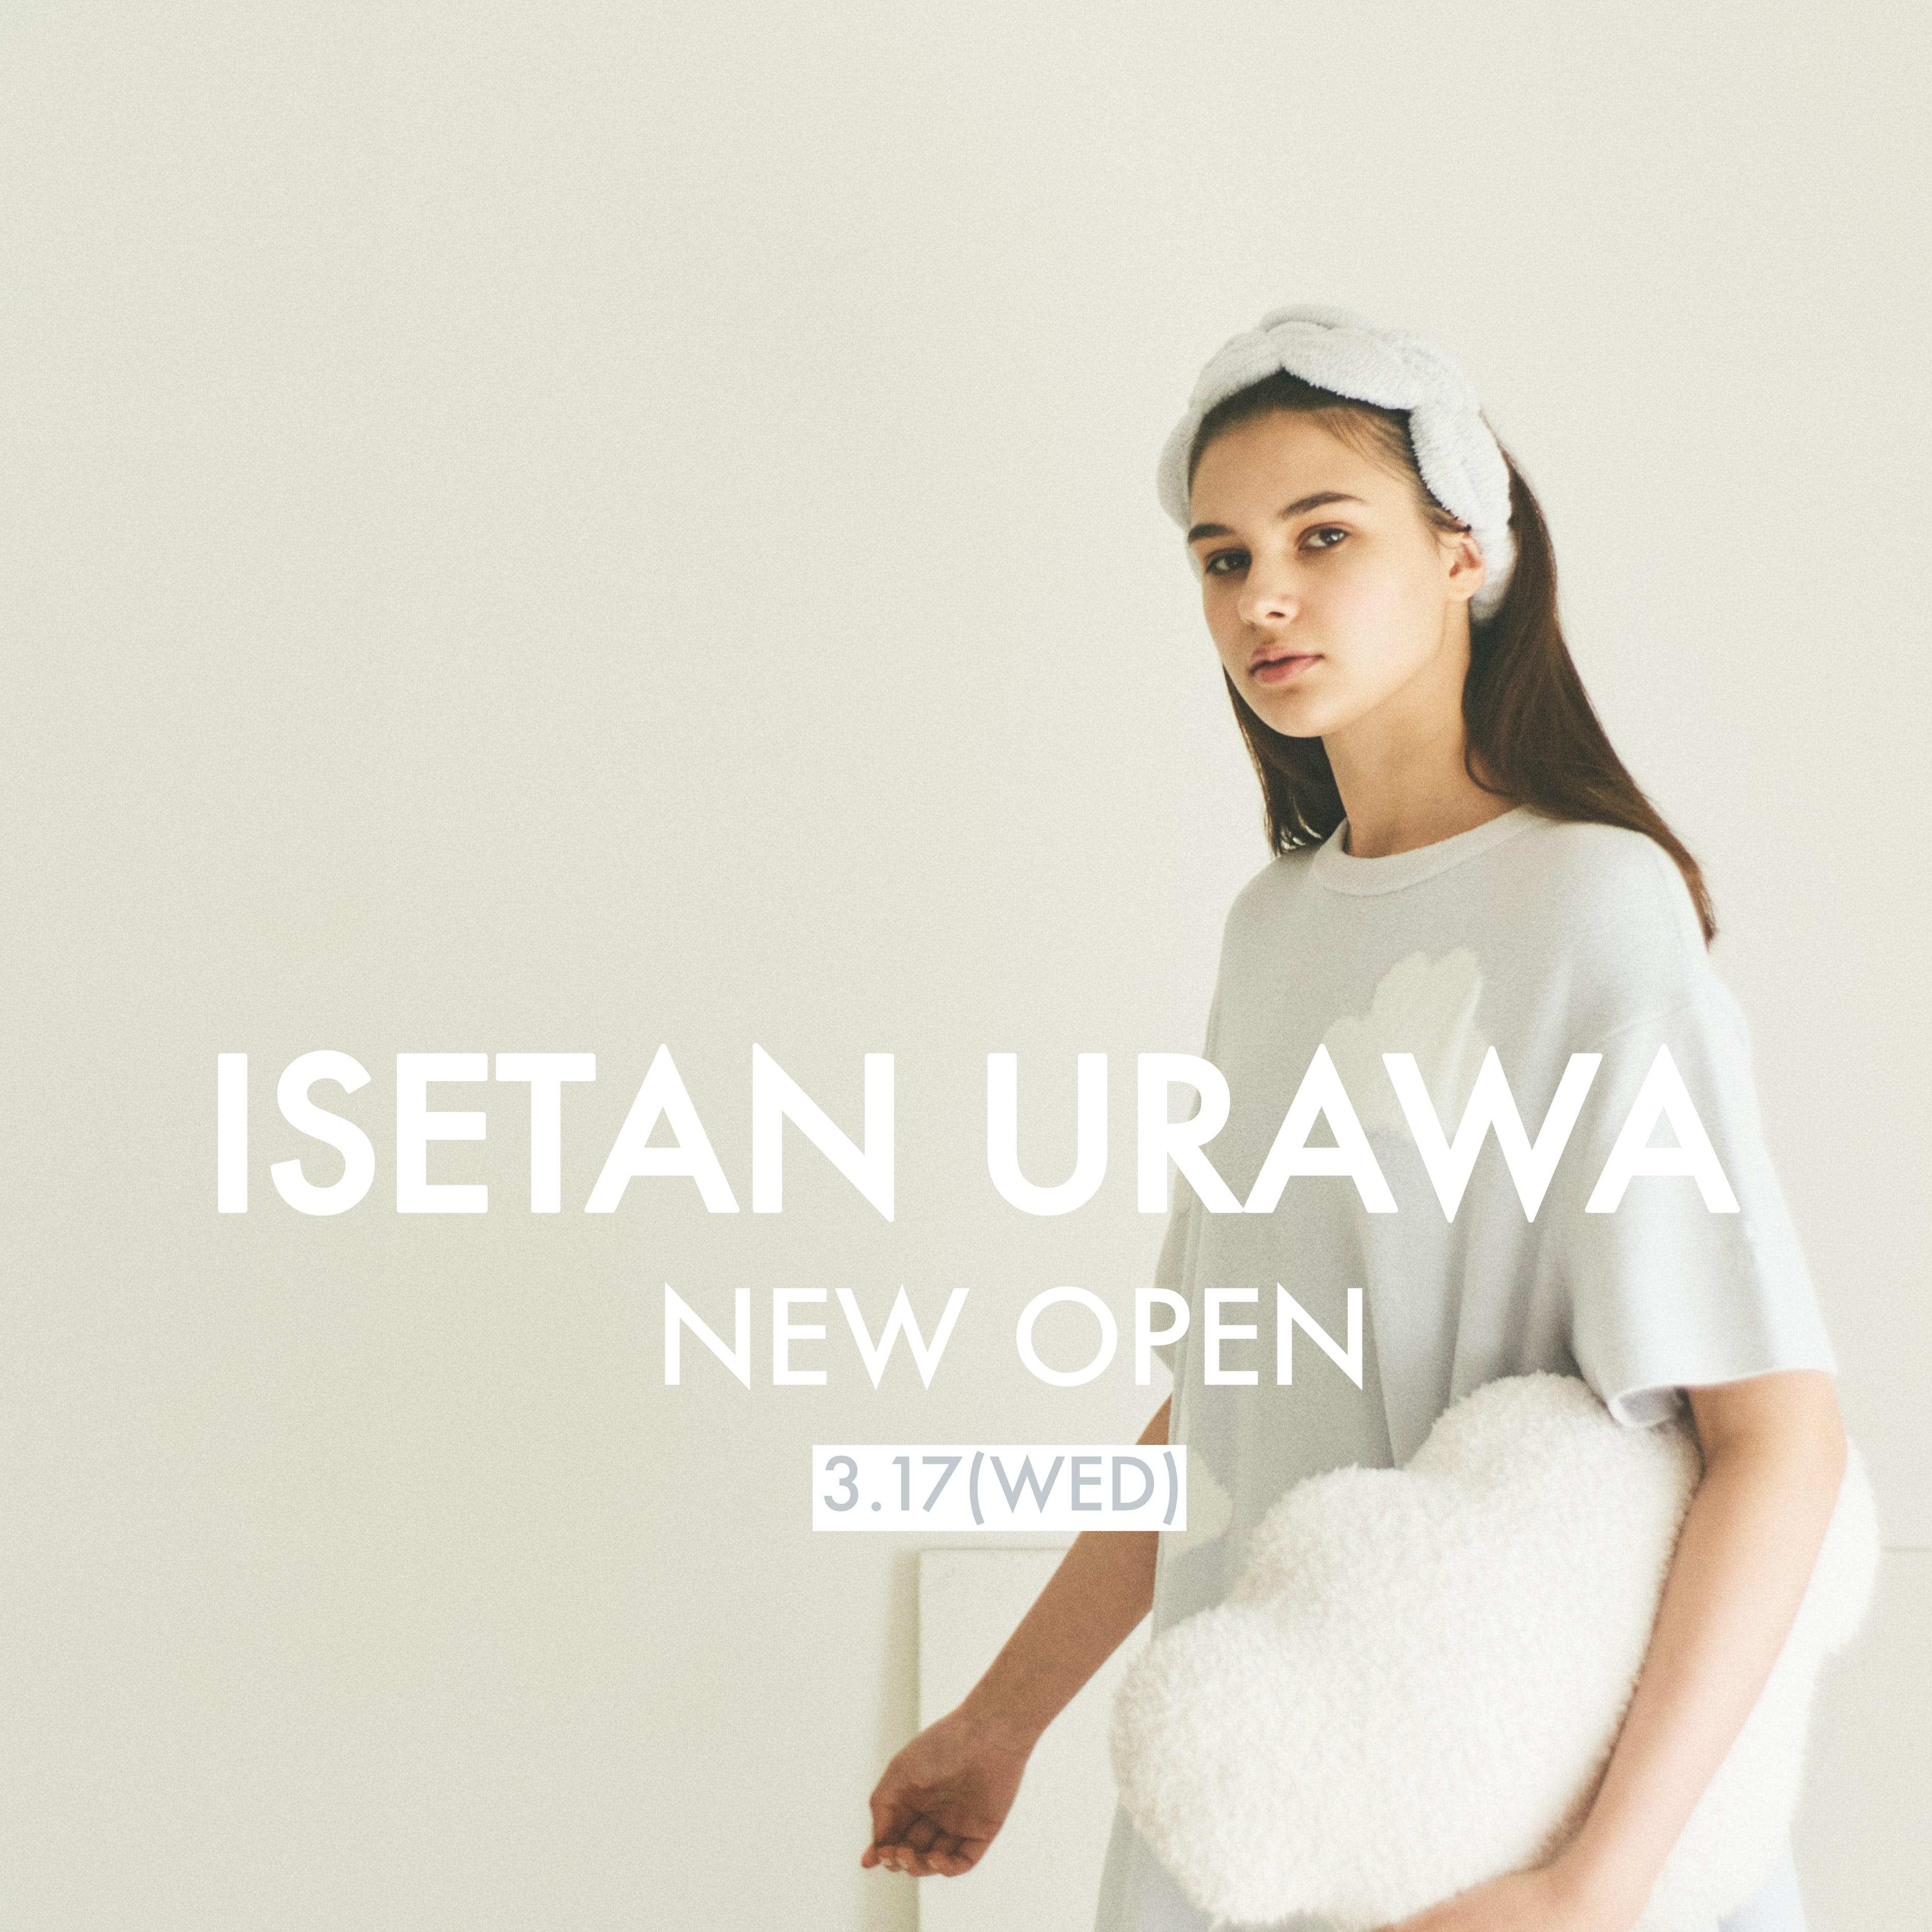 伊勢丹浦和店 3.17(WED) NEW OPEN